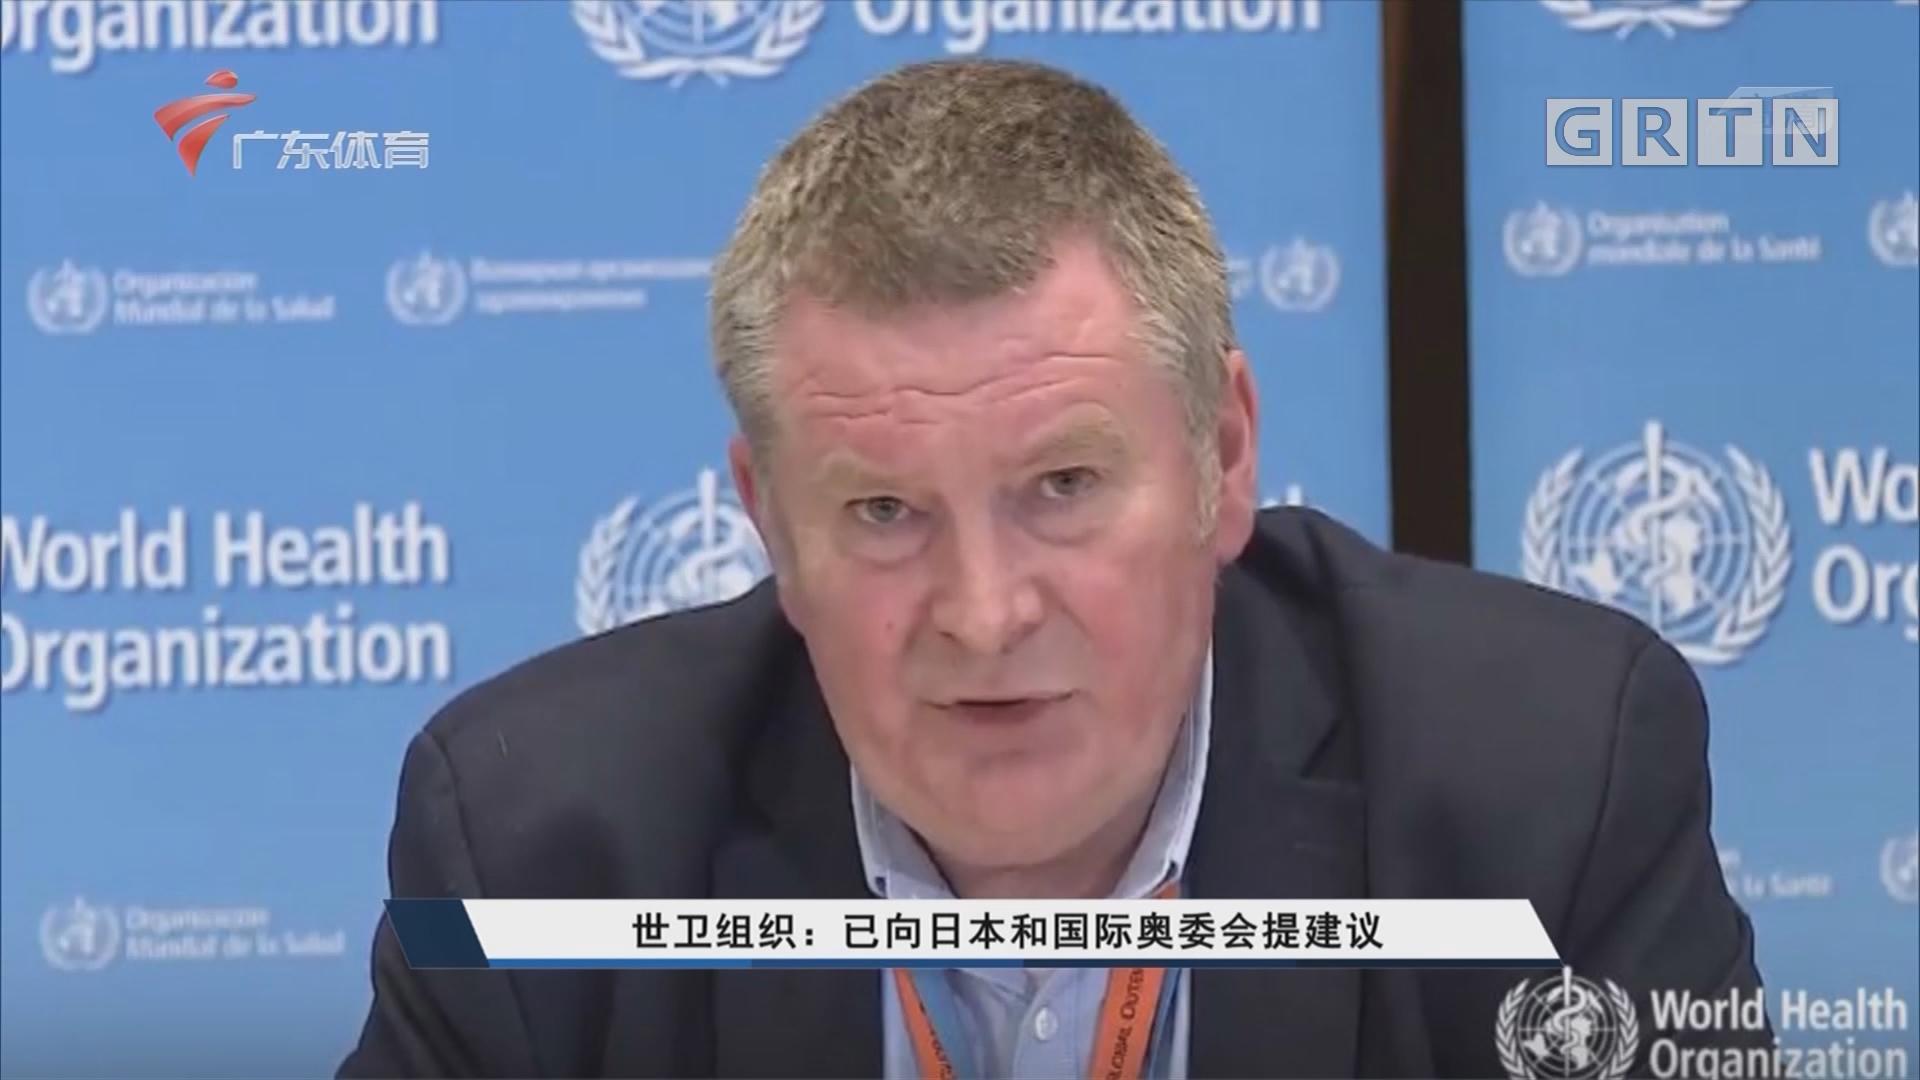 世卫组织:已向日本和国际奥委会提建议